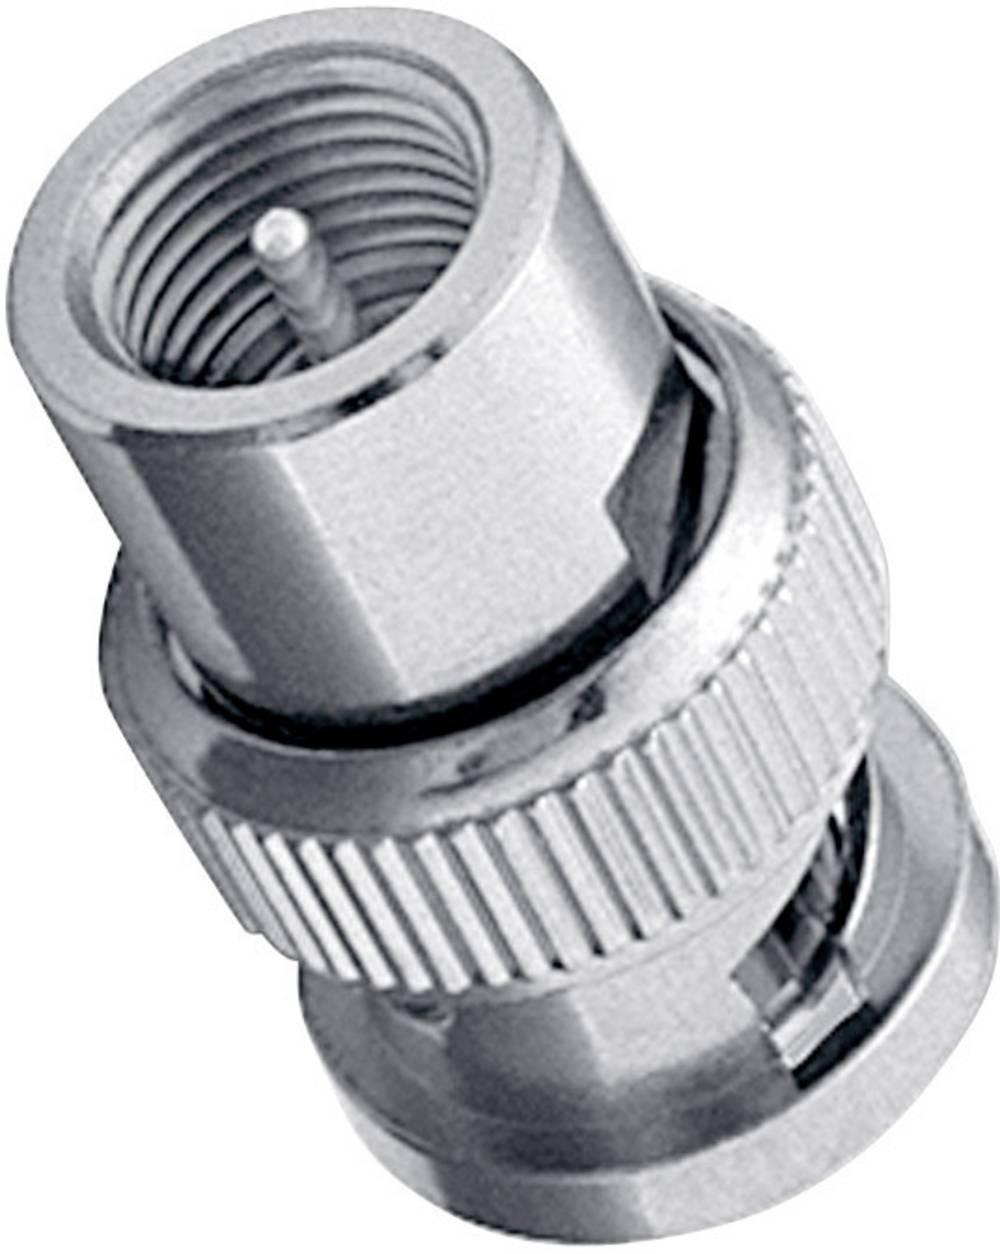 FME-adapter Amphenol Tuchel BM-FMEM-ND3G-50, FME moški konektor na BNC moški konektor